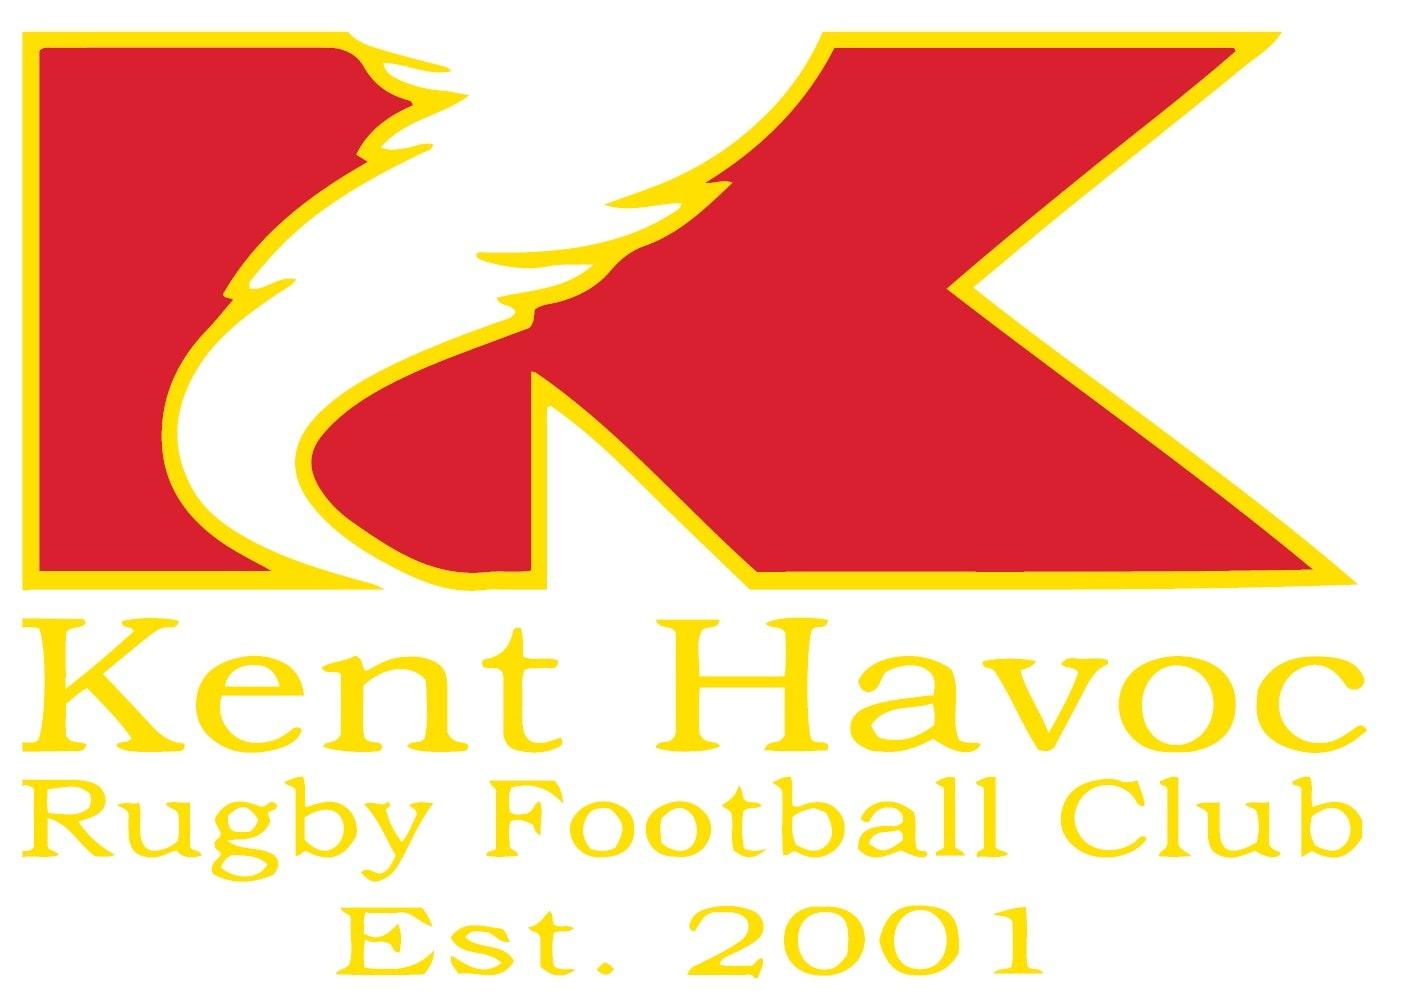 Kent Havoc RFC